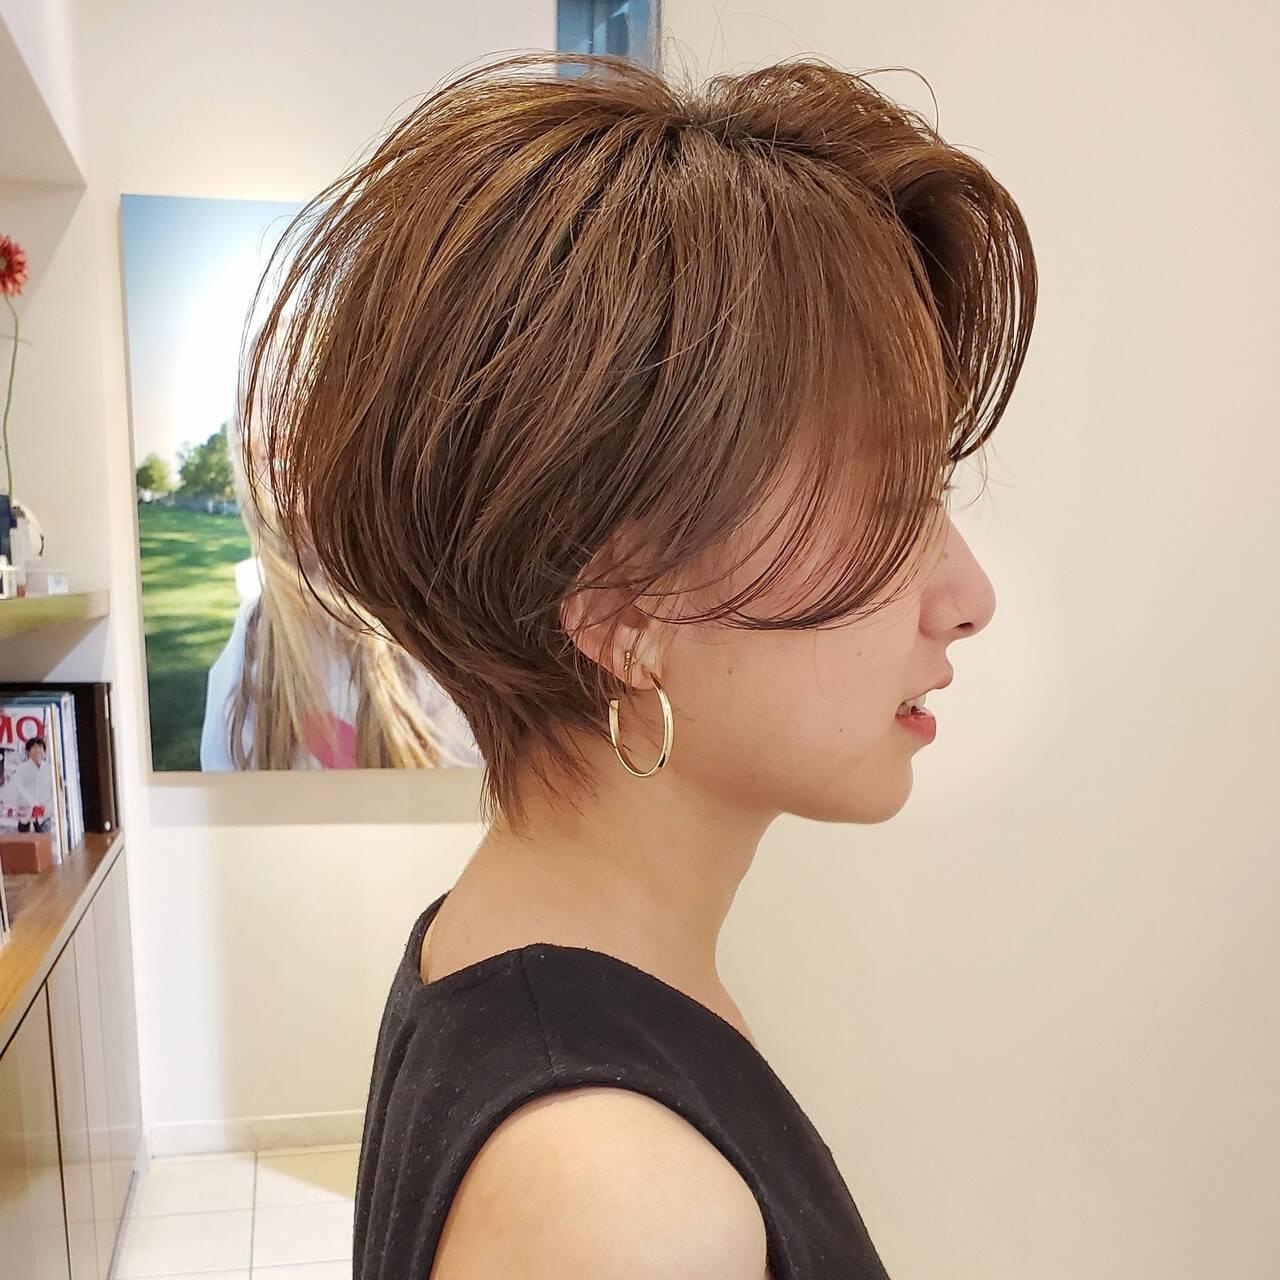 デート スポーツ ヘアアレンジ 簡単ヘアアレンジヘアスタイルや髪型の写真・画像